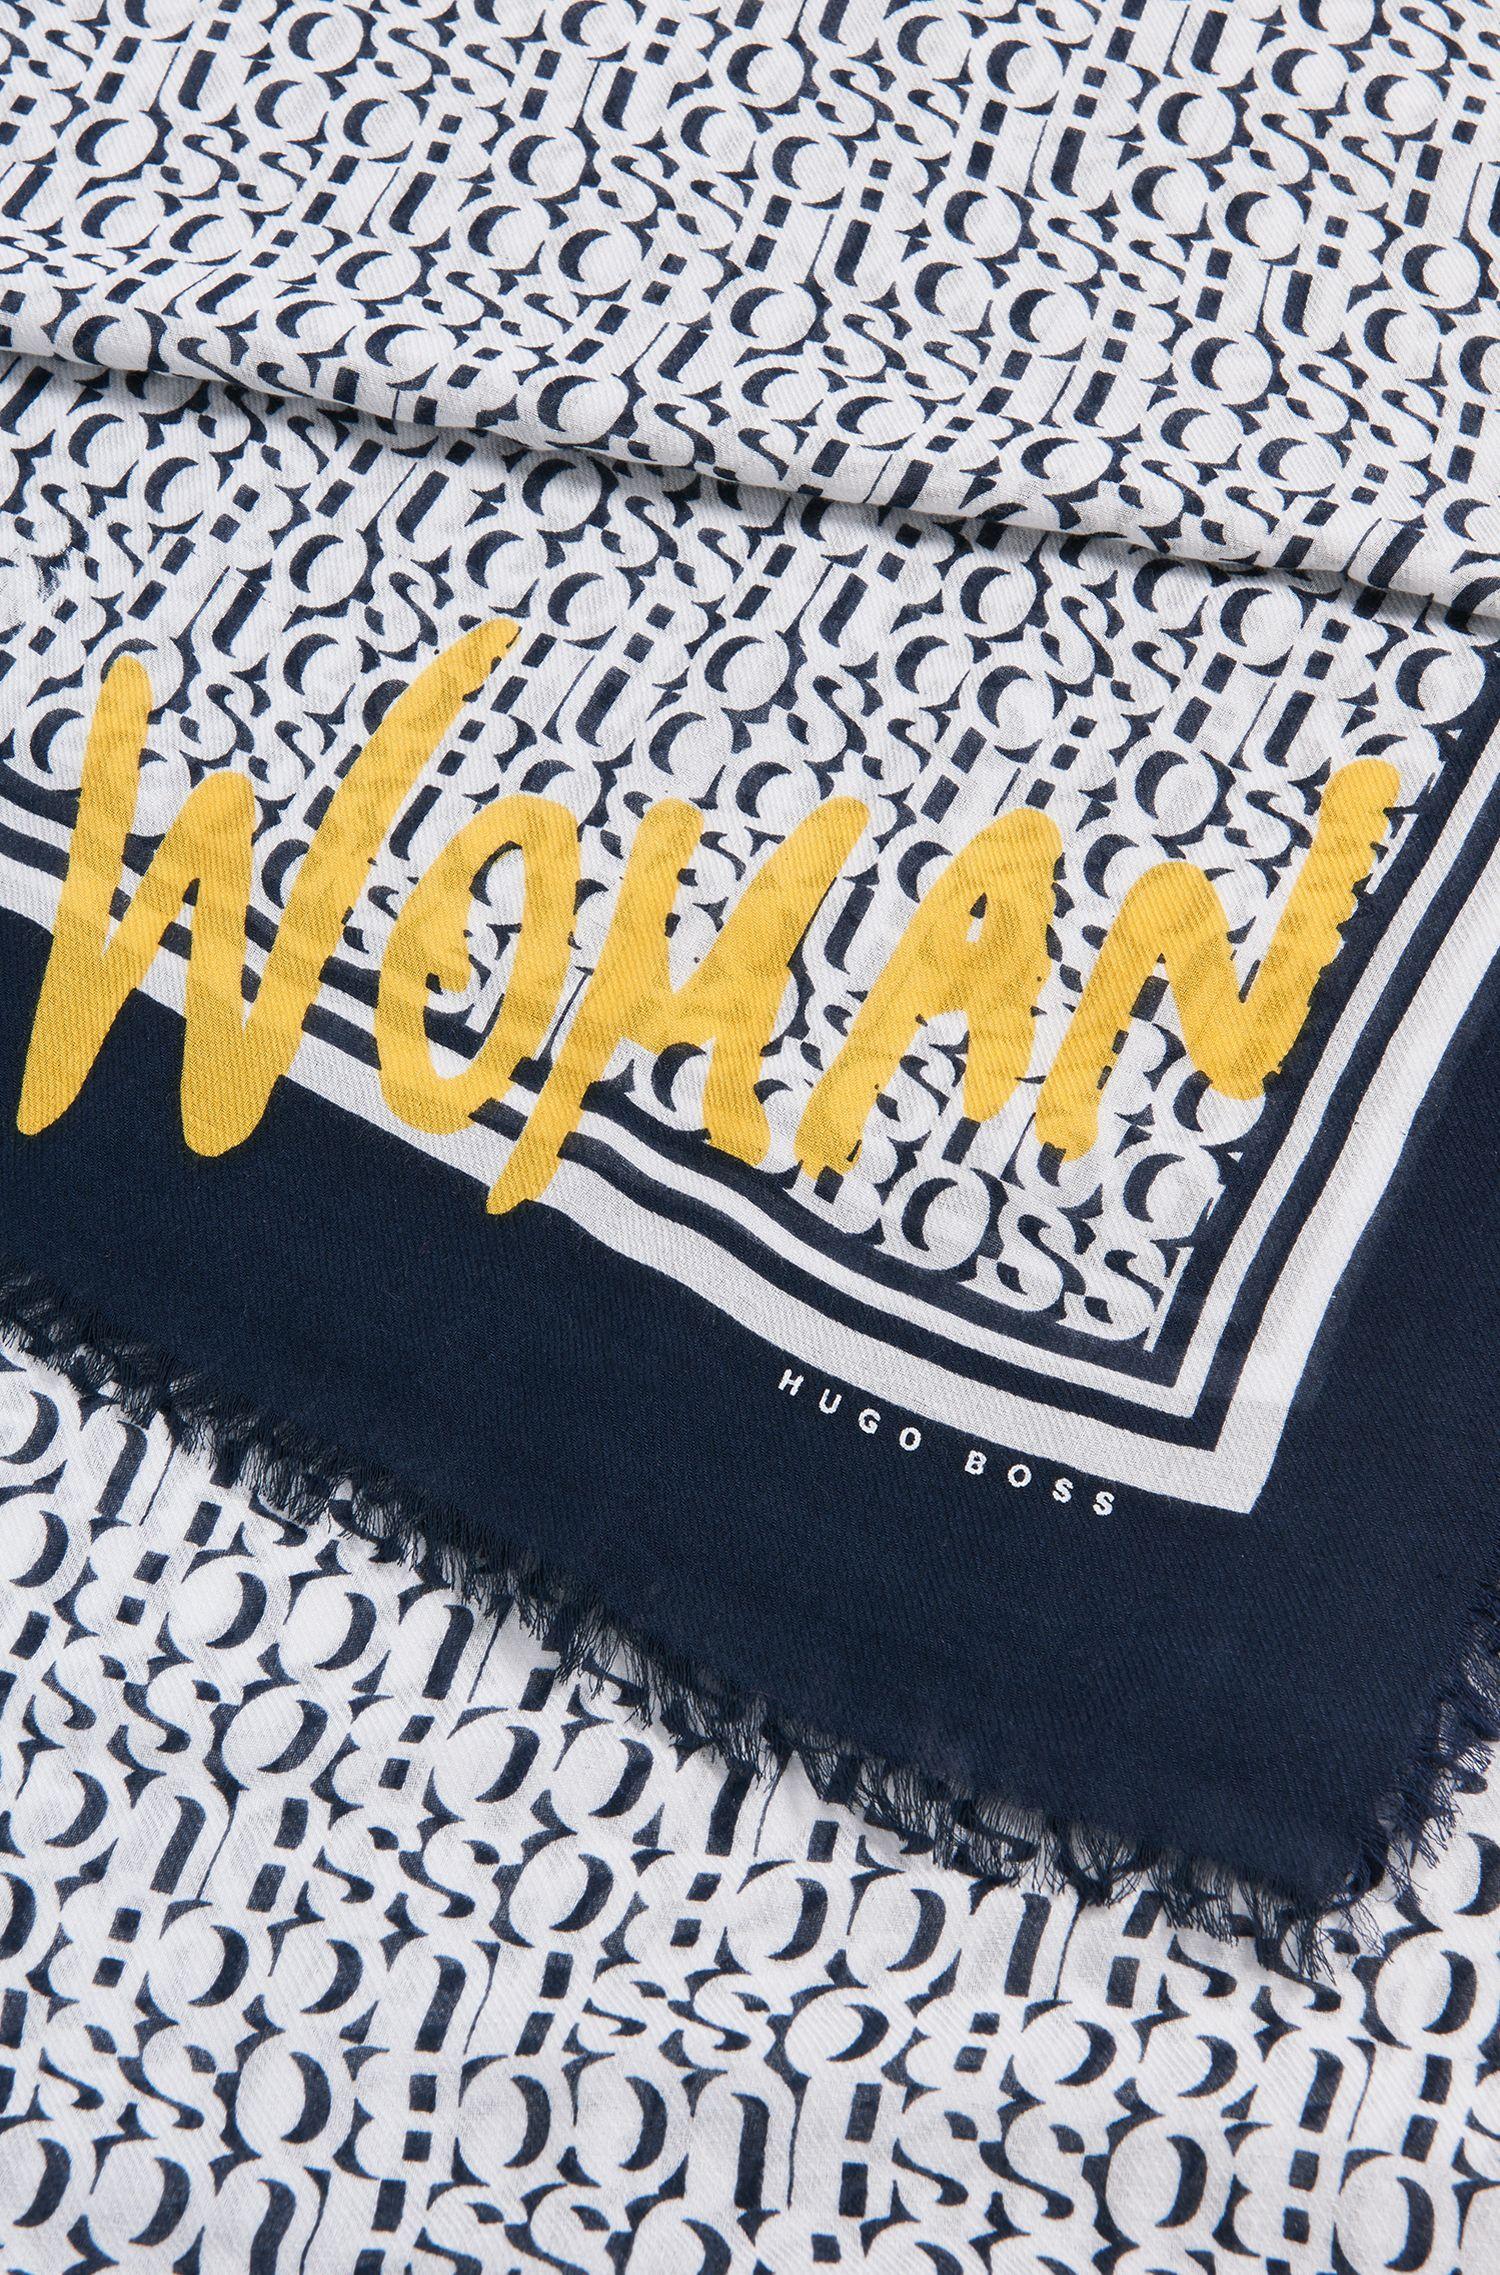 Écharpe bordée de franges en coton mélangé, à logo imprimé